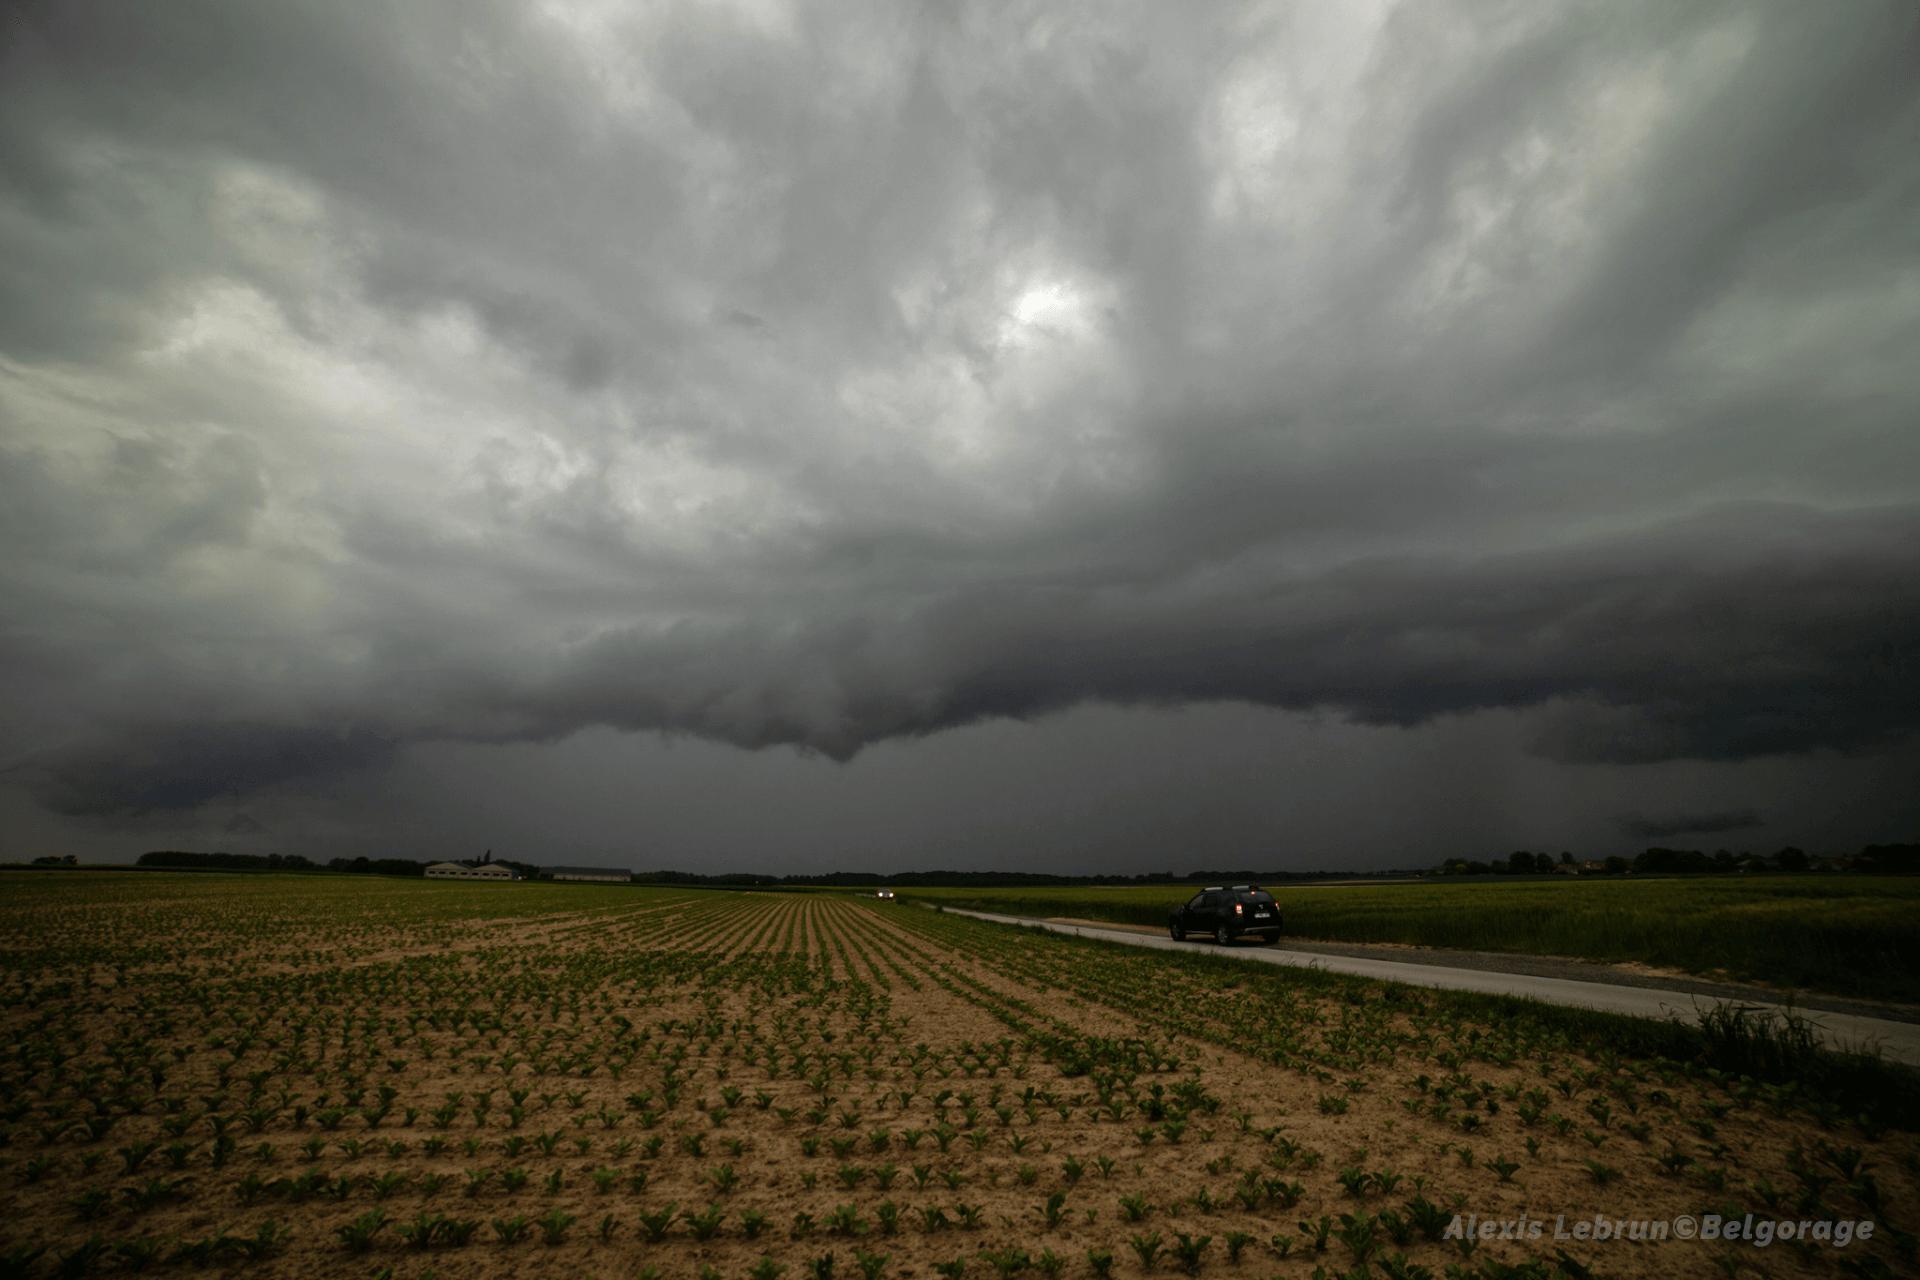 Arcus précédant la masse pluvio-orageuse en phase d'effondrement, depuis la région de Beauvechain, en province de Brabant Wallon, le 4 juin 2021 à 18h45.